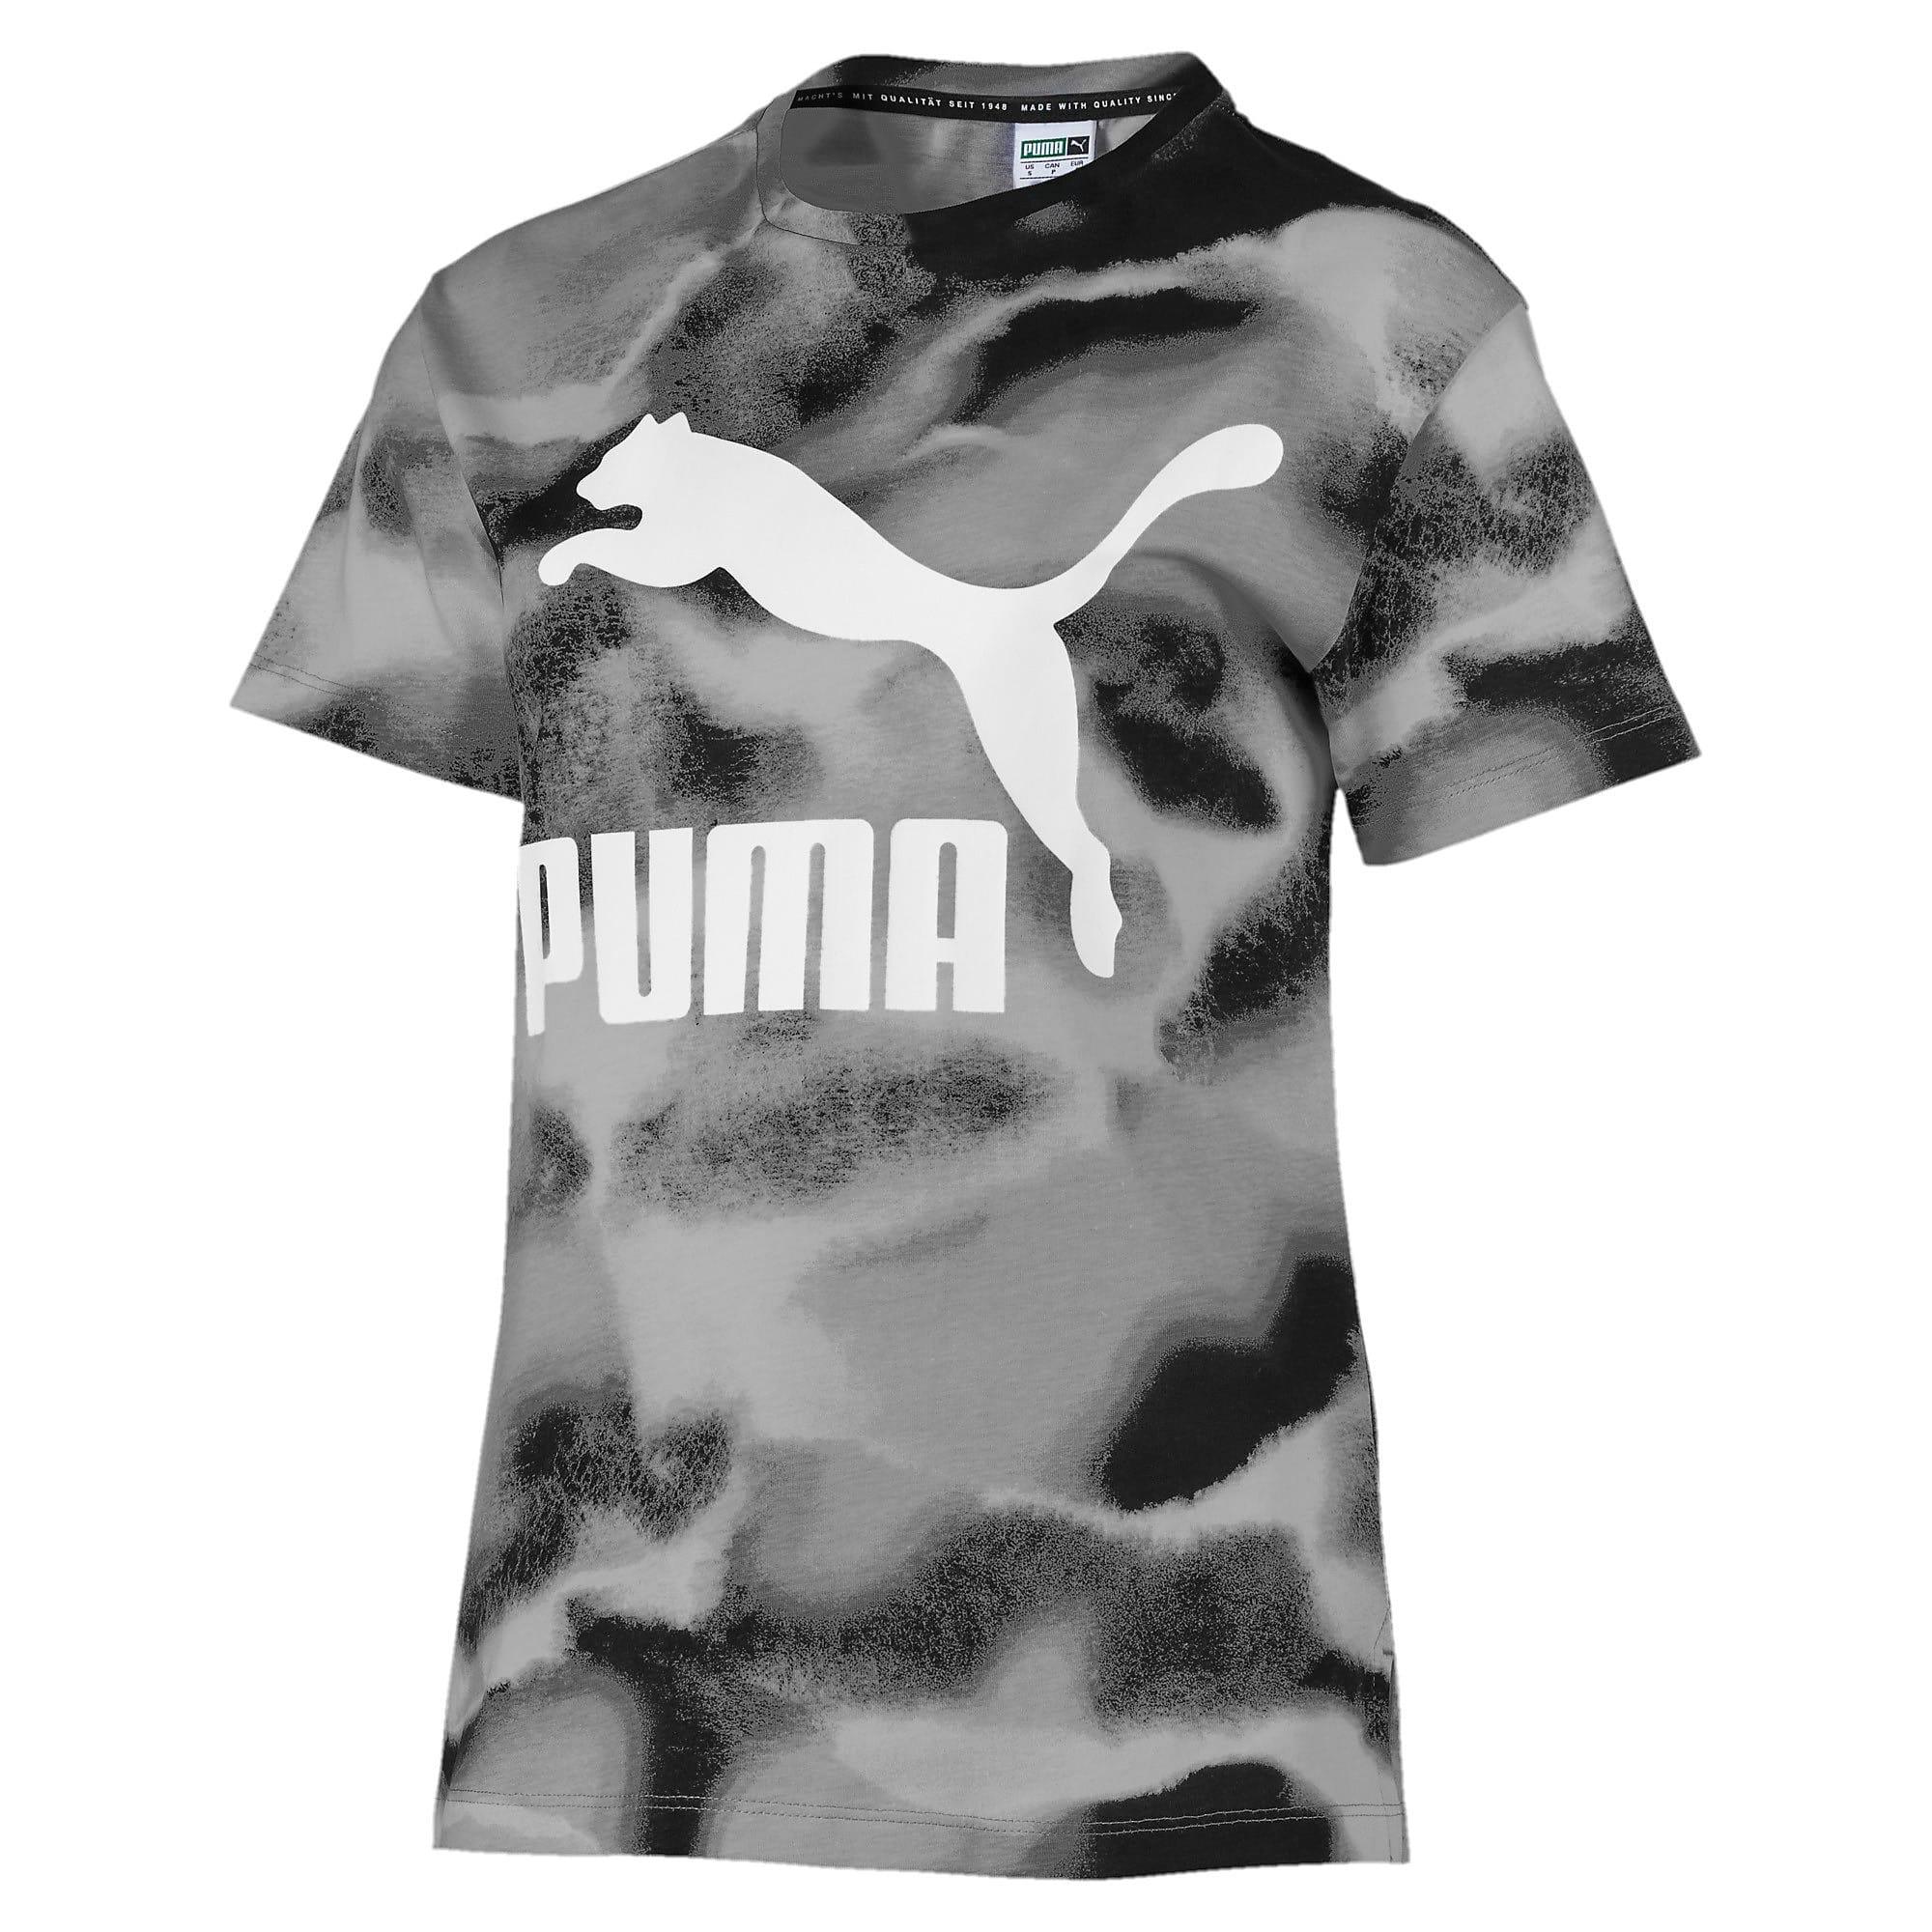 Thumbnail 1 of CLOUD パック ウィメンズ AOP Tシャツ, Puma Black, medium-JPN